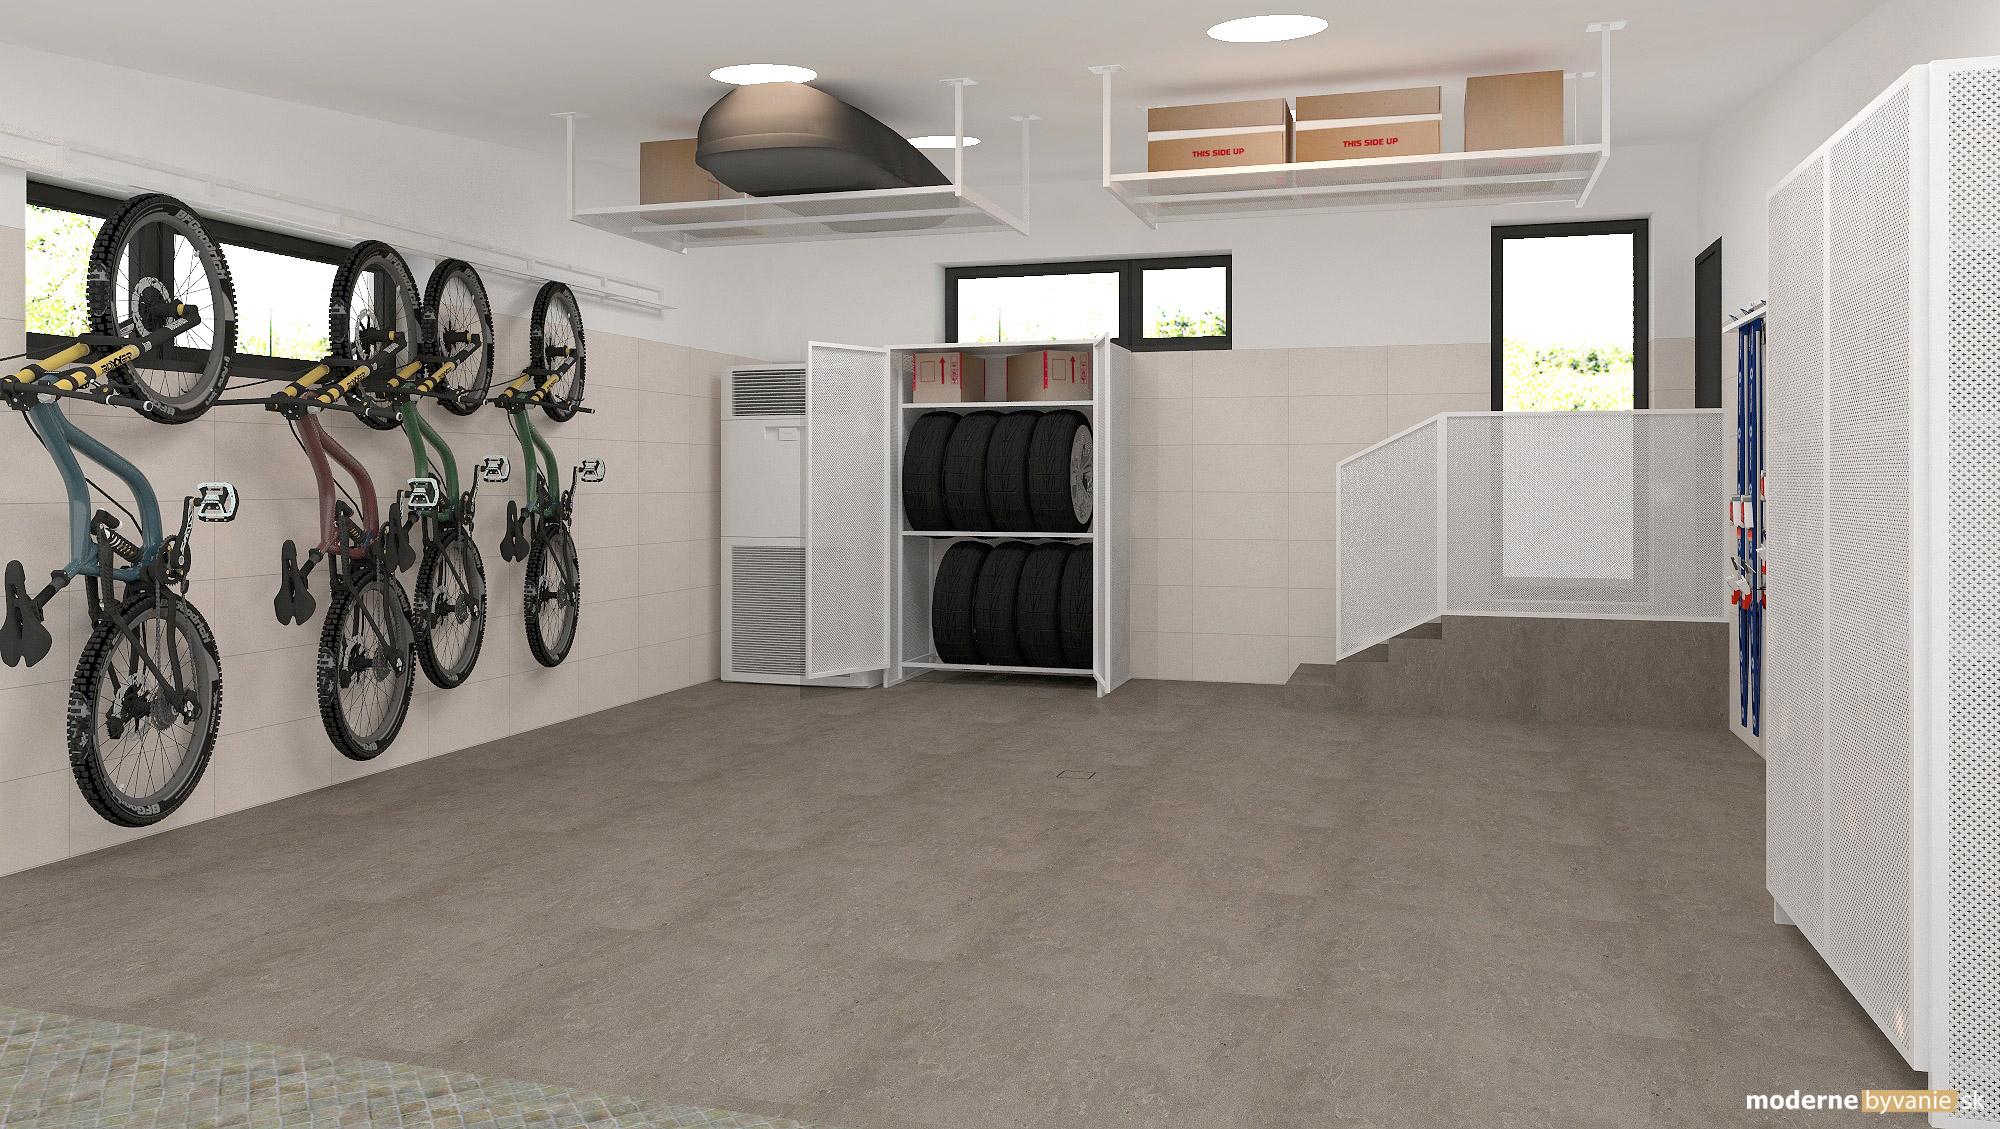 Návrh interiéru - Garáž - Dobrý interiérový architekt aj záhradný domček navrhne